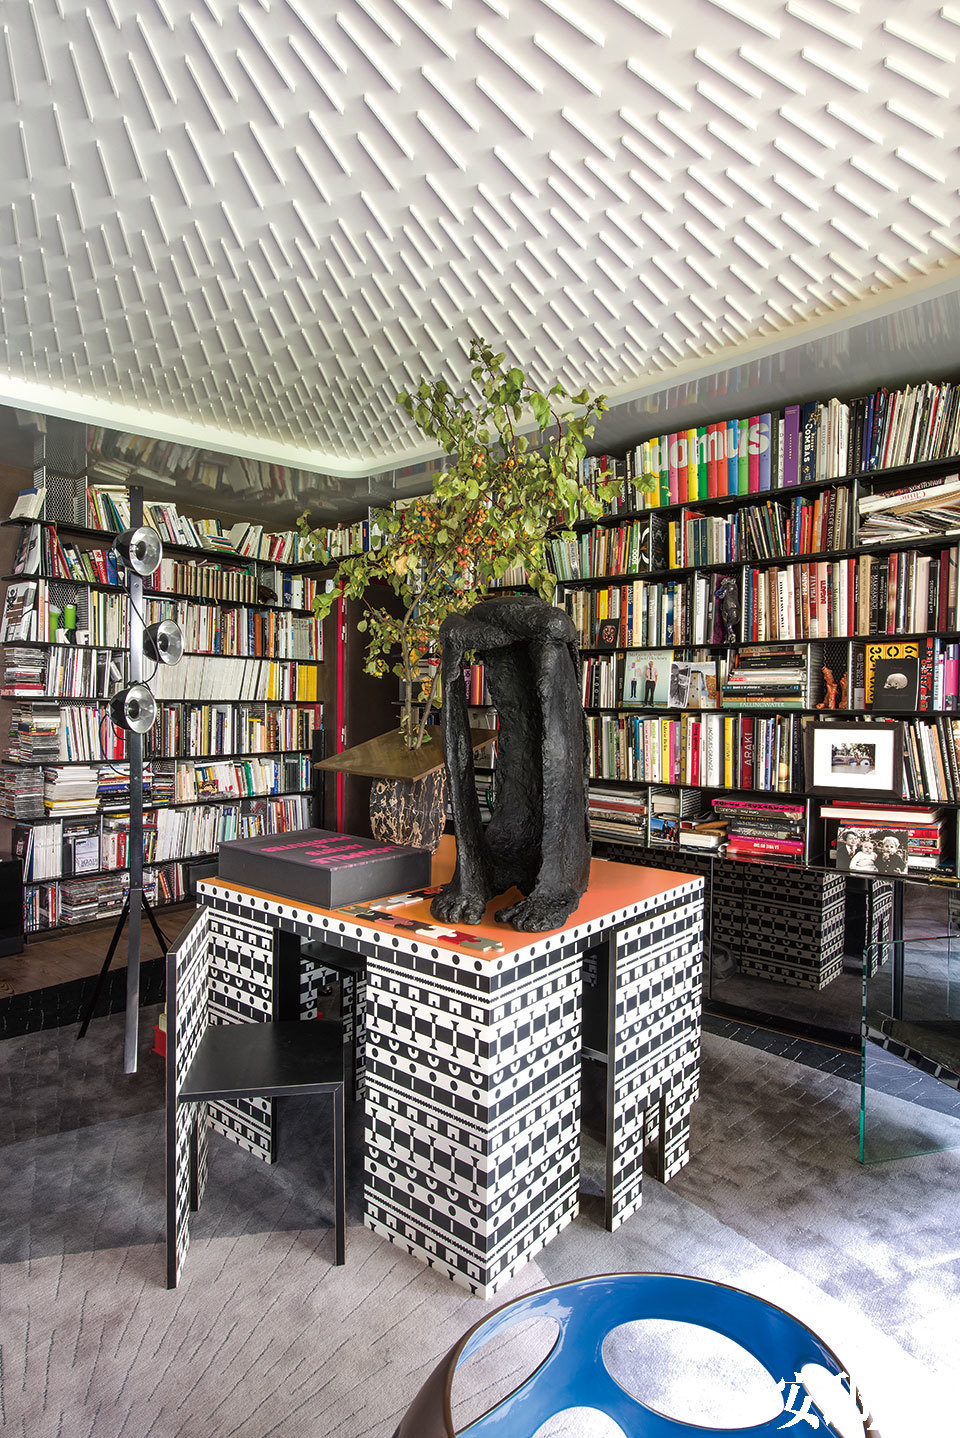 """天花板的石膏表面上贴了大约2500根小木棍,不仅构建出独树一帜的图案,还能利用间接照明的光学效应,产生升高天花板的视觉效果。桌上的青铜雕塑""""Torse Concave N° 3/6"""",由Robert Couturier创作,来自巴黎的Galerie Downtown画廊。"""